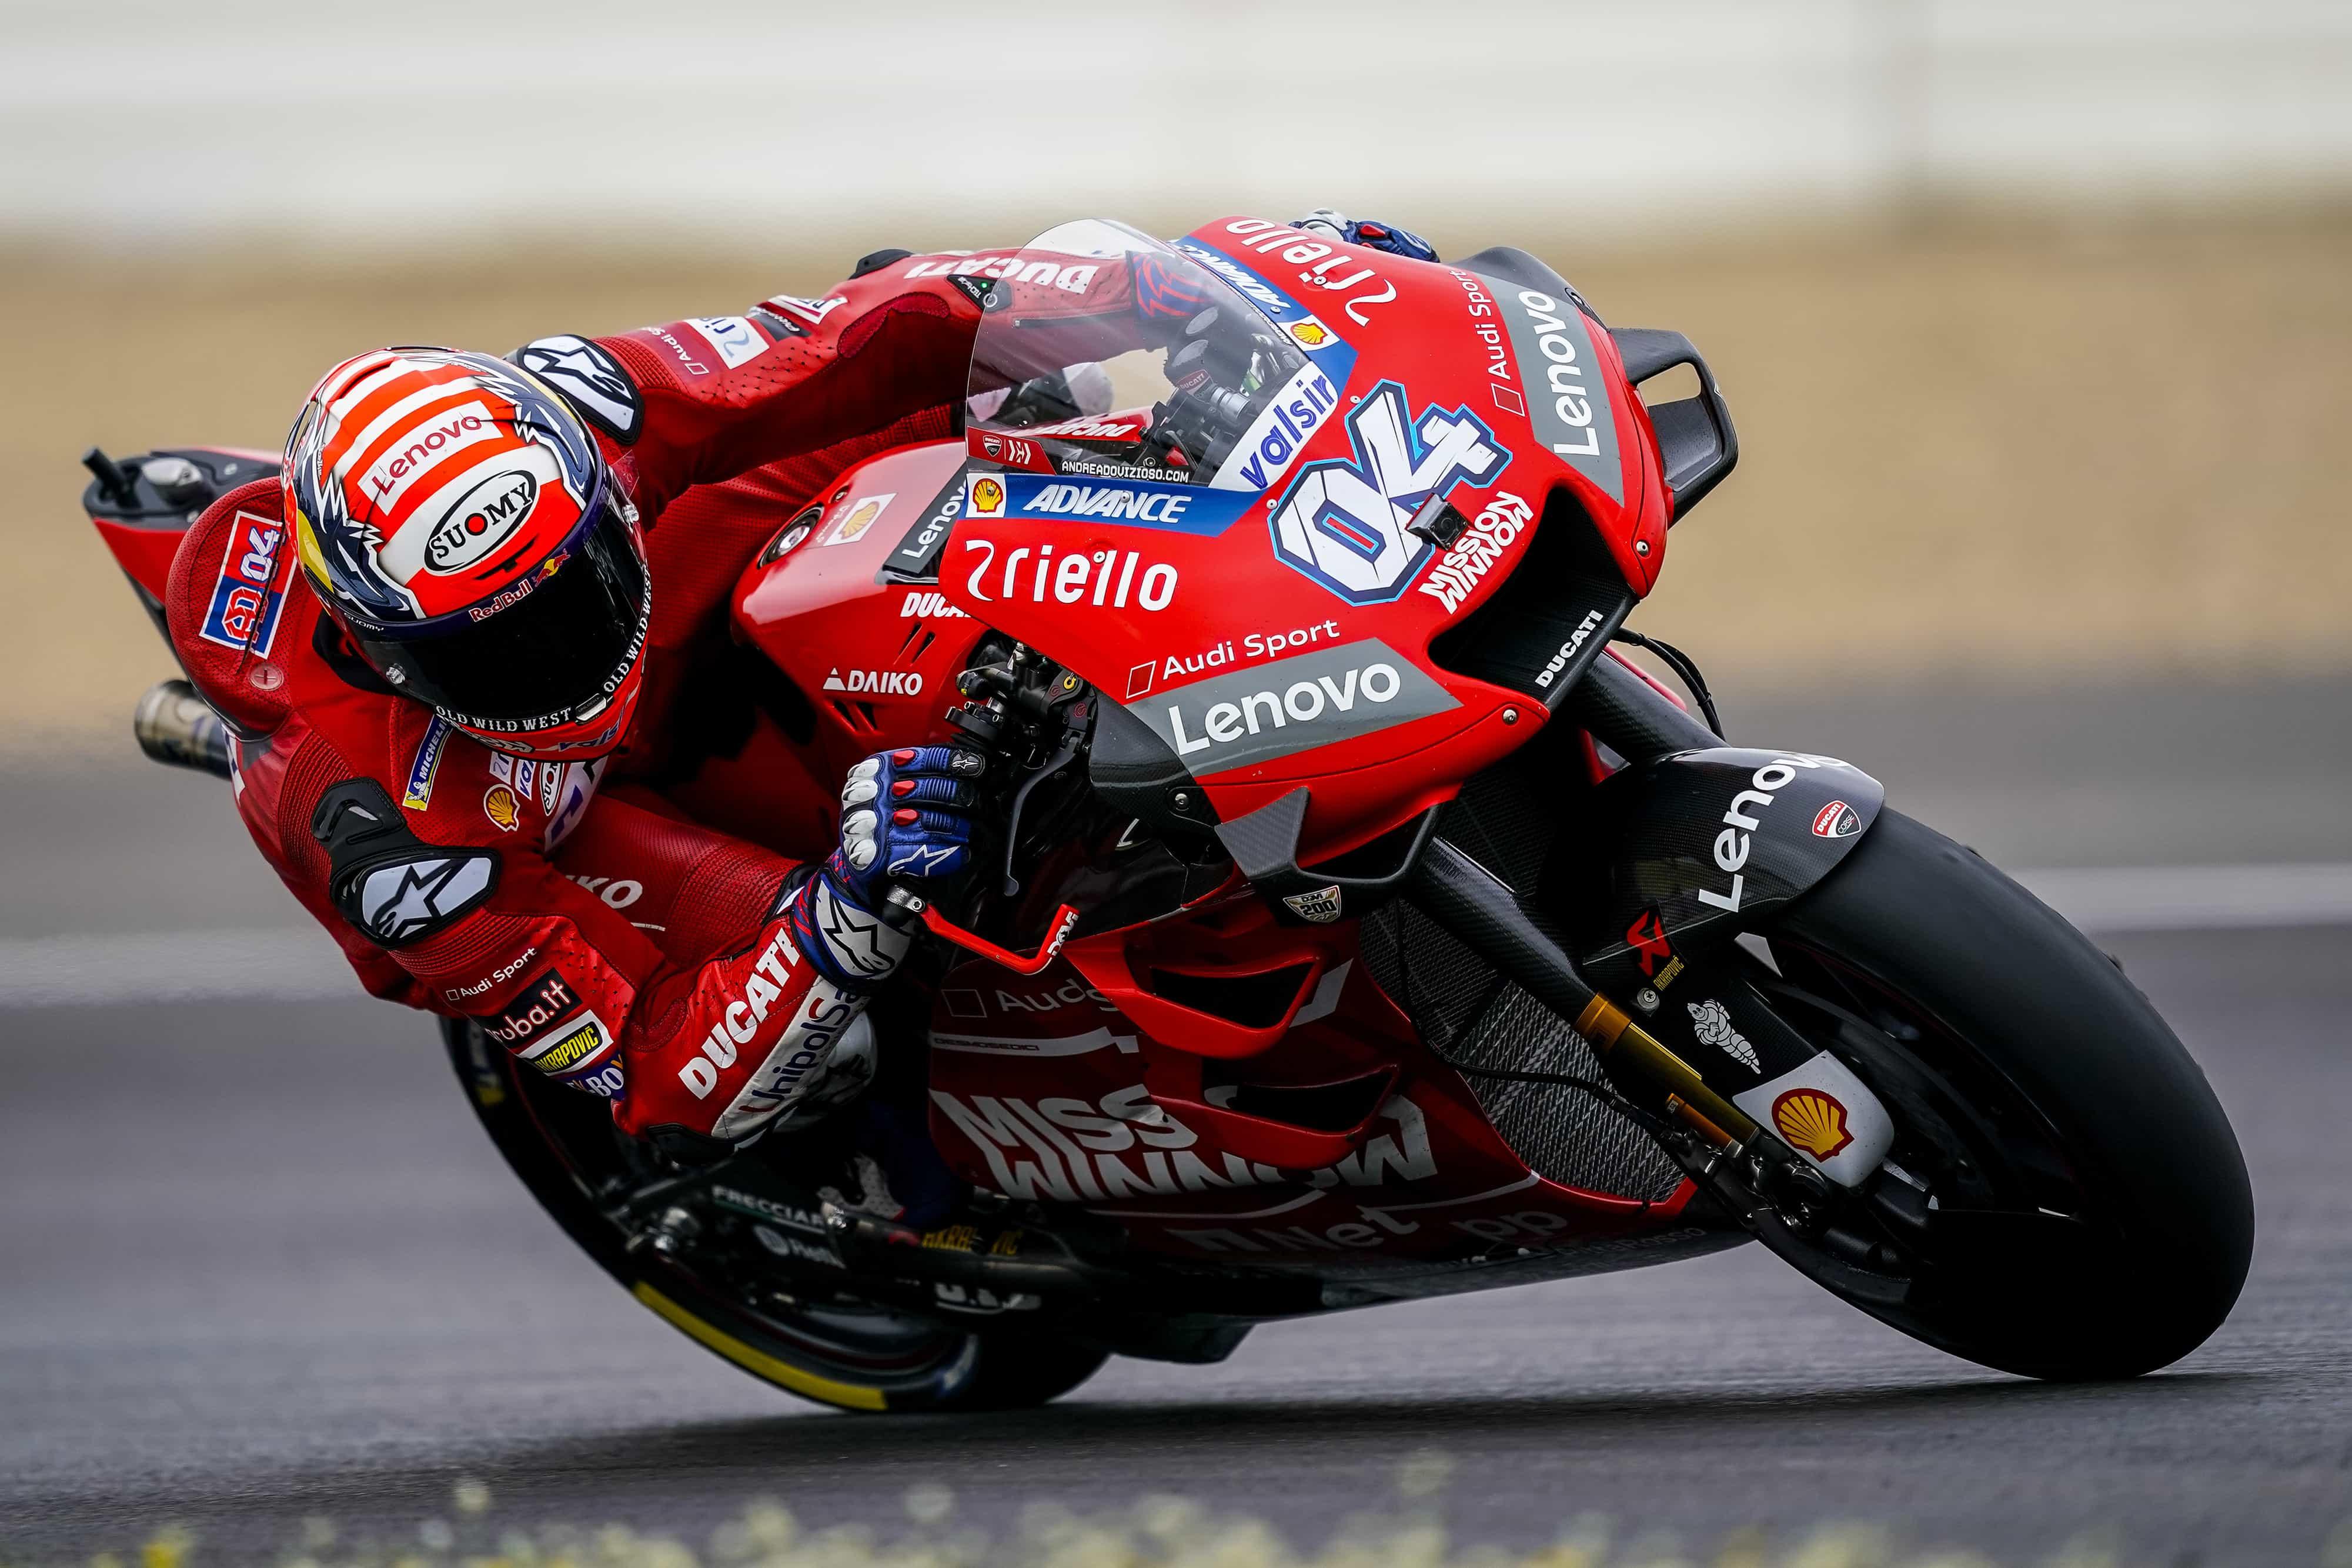 Mission Winnow Ducatiチームがヘレスで合同テストに参加。次のステップは第5戦のルマン